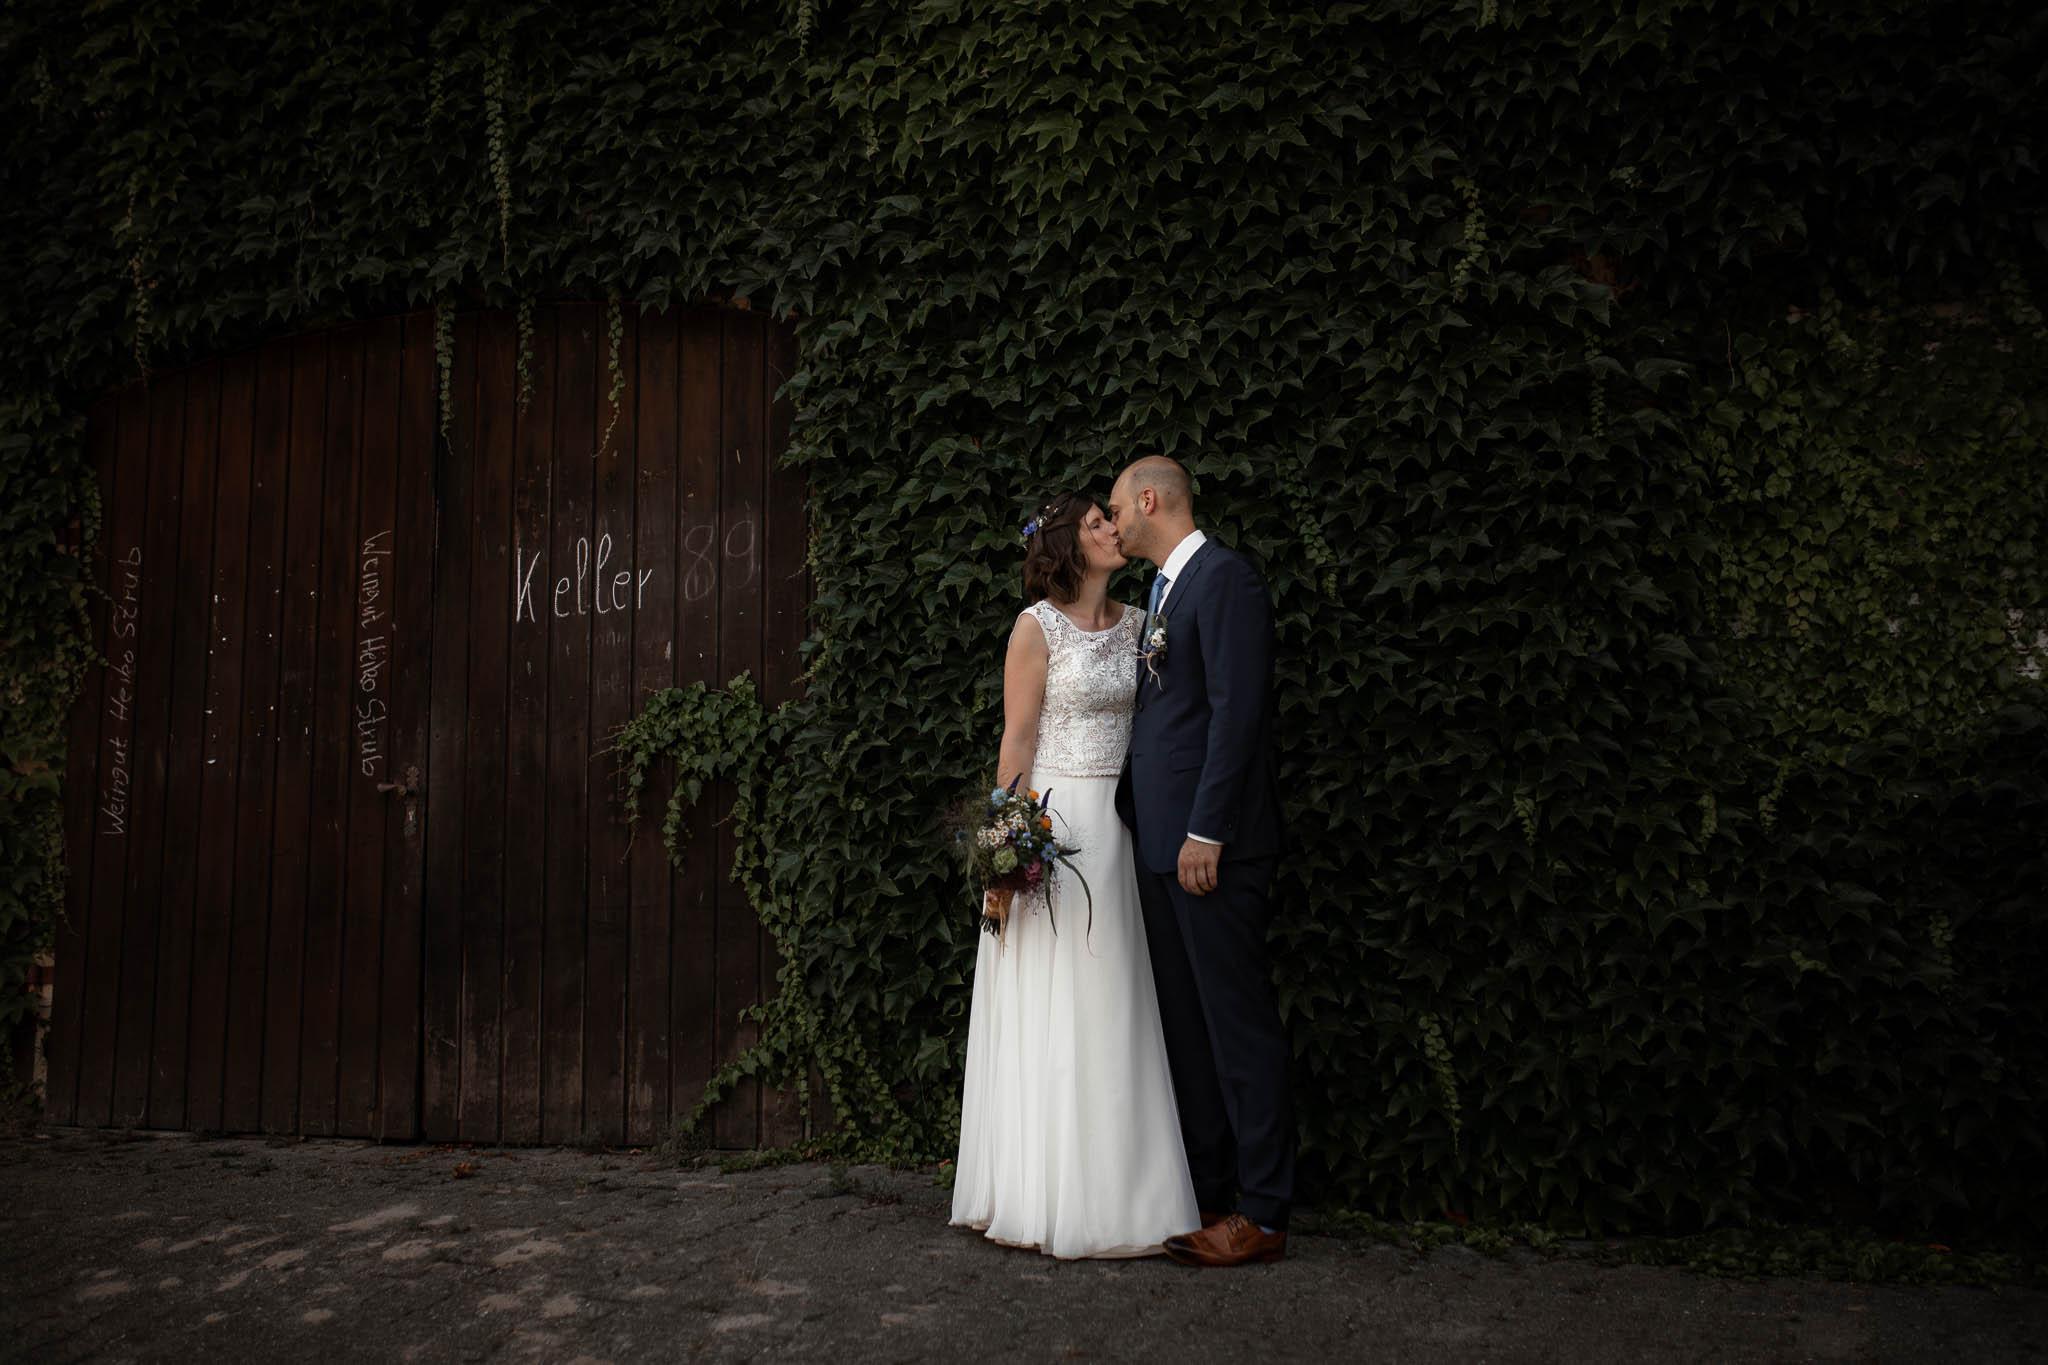 Hochzeitsfotograf Alzey:Ina und Johannes kuscheln beim Shooting vor einer mit Efeu bewachsenen Mauer in Guntersblum